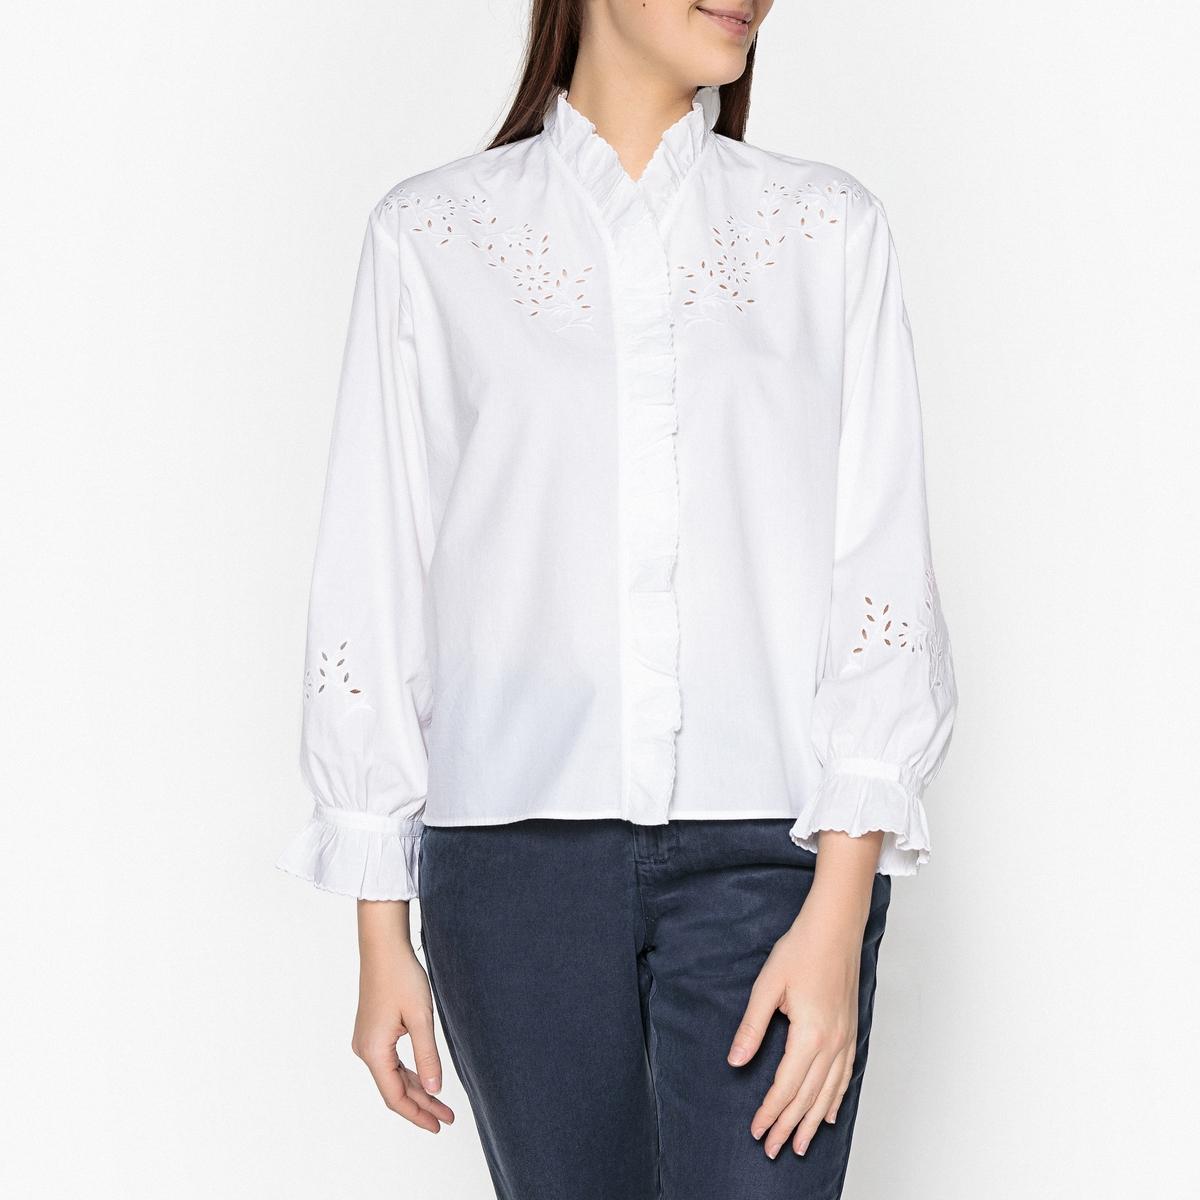 Рубашка с английской вышивкой и воланами DAISY double daisy